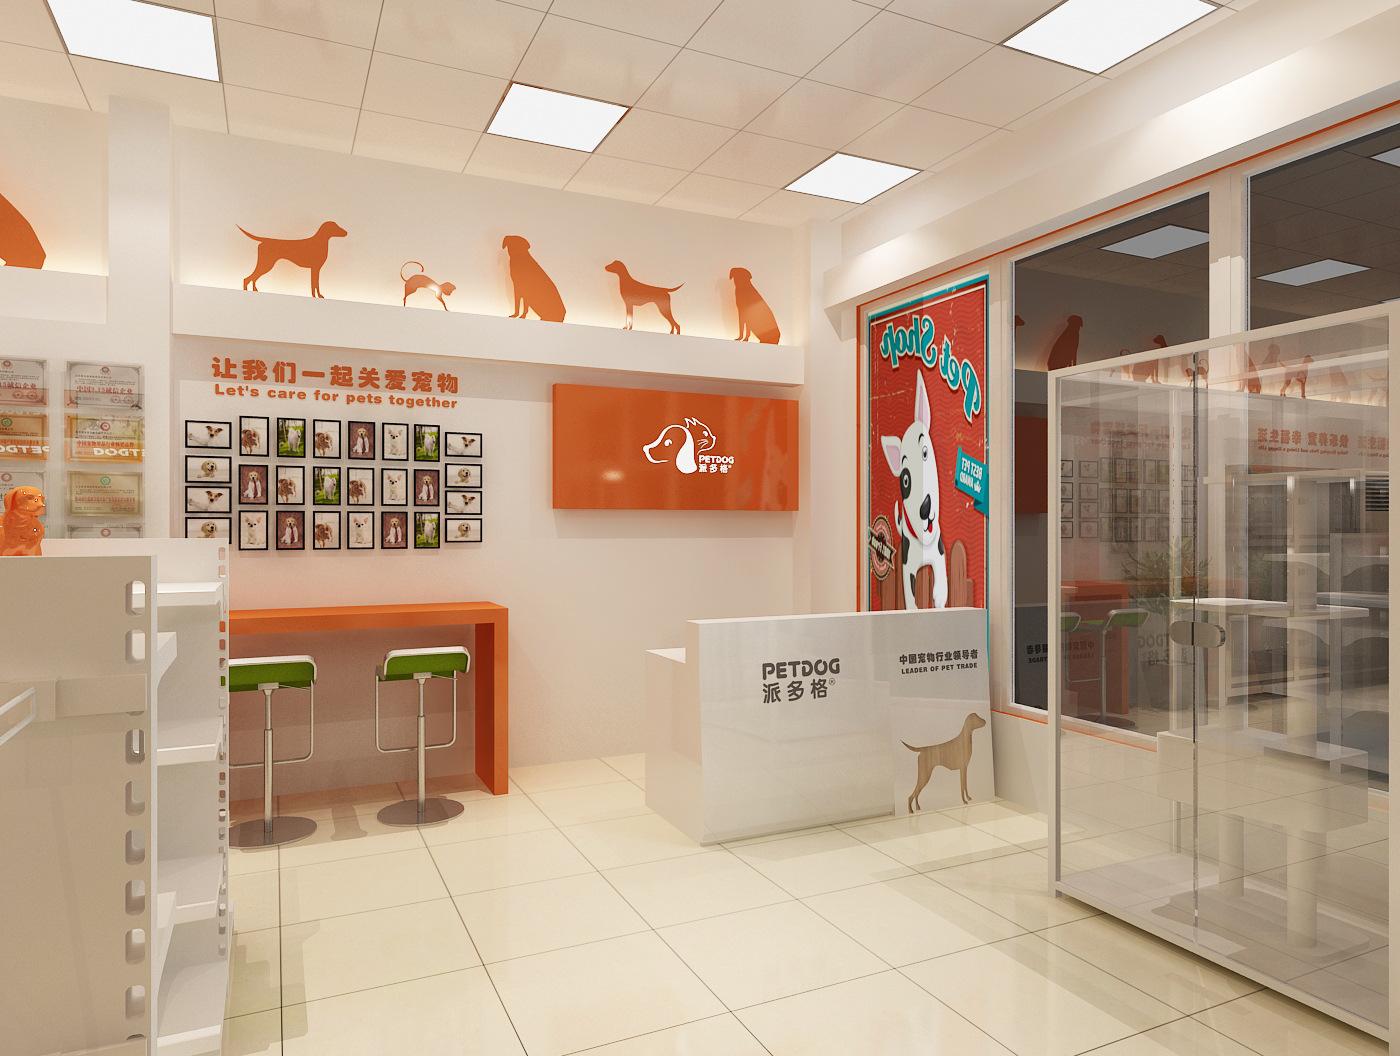 成都宠物店怎样装修?宠物店风格选择与设计要点